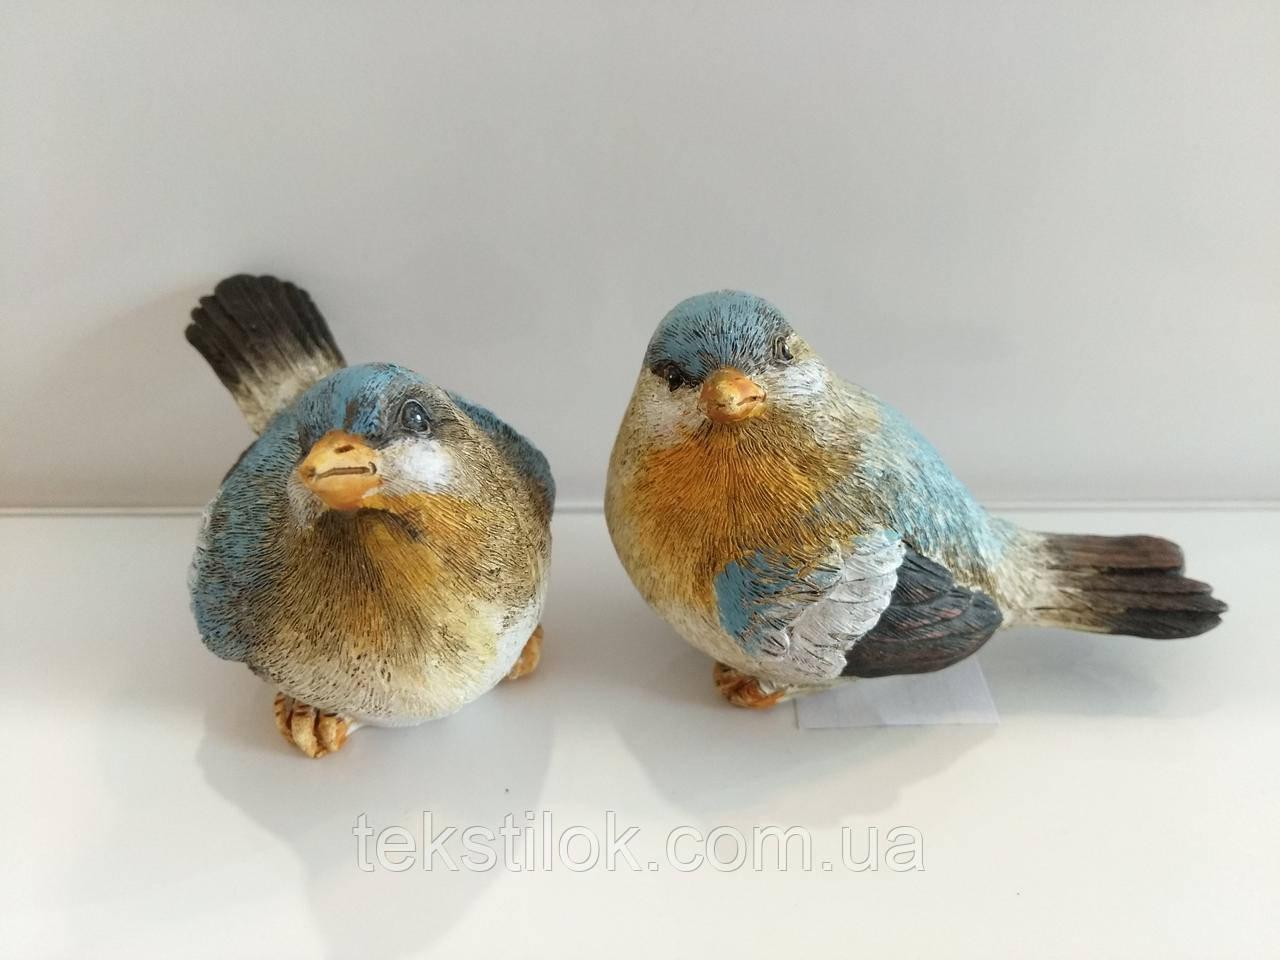 Птичка   голубая 9 см. - керамика